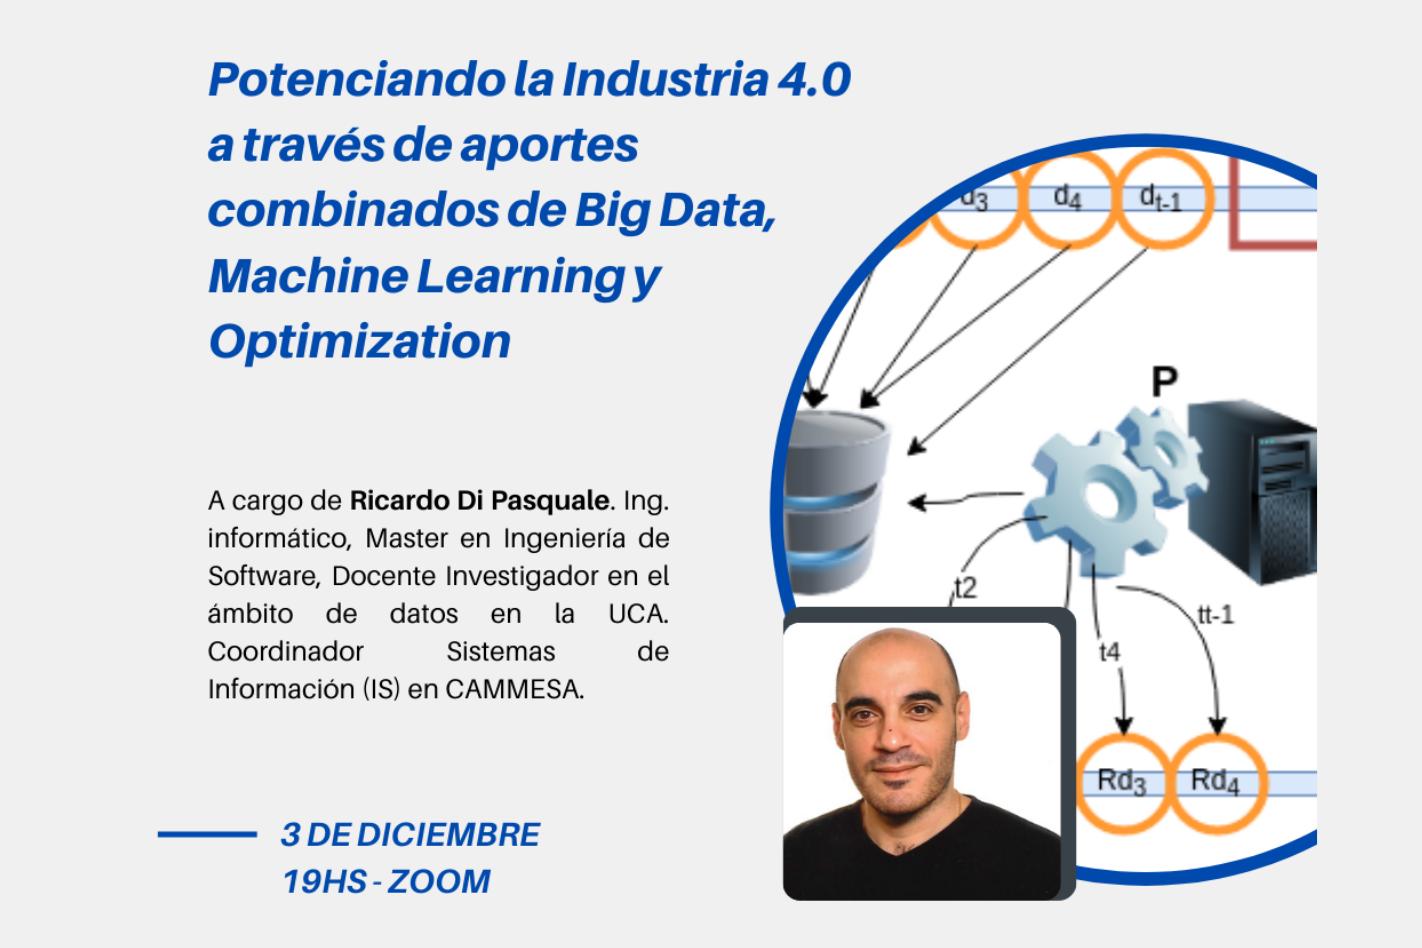 """""""Potenciando la Industria 4.0 a través de aportes combinados de Big Data, Machine Learning y Optimization"""""""